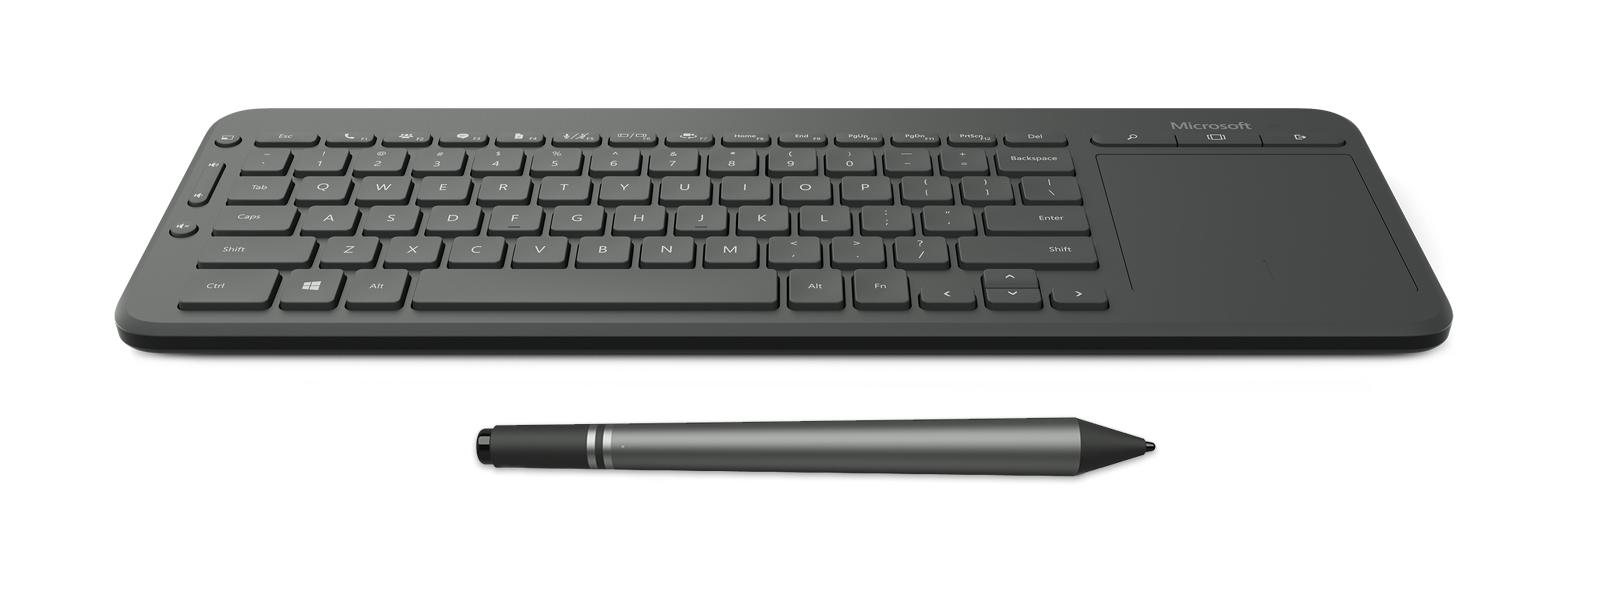 Surface Hubin mukana tuleva näppäimistö ja kynä.